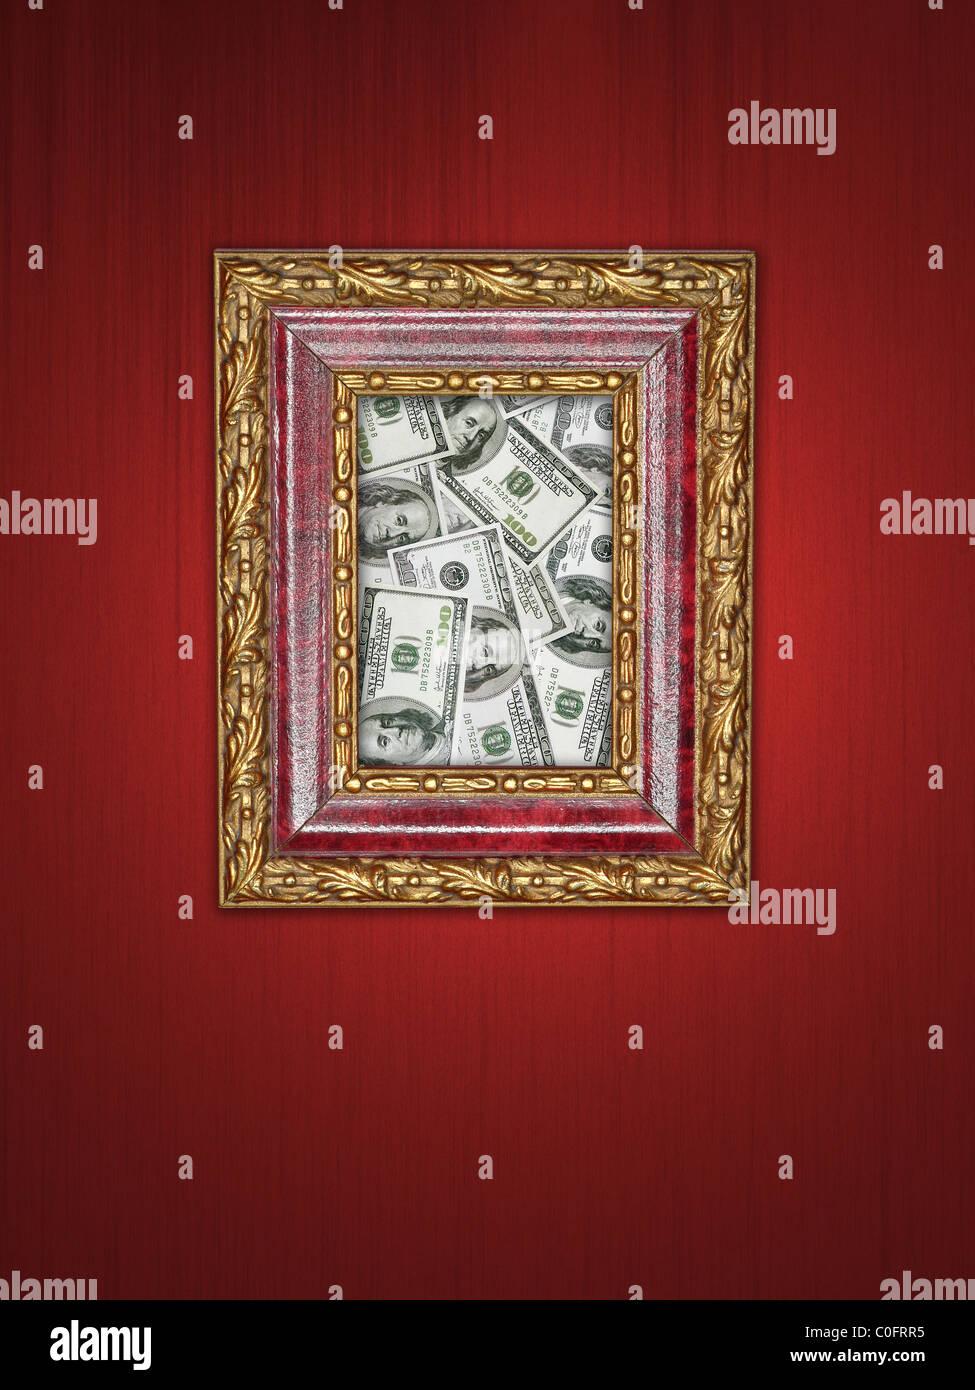 Pila di un centinaio di dollari di banconote in legno picture frame con ornamenti d'oro appeso alla parete viola Immagini Stock